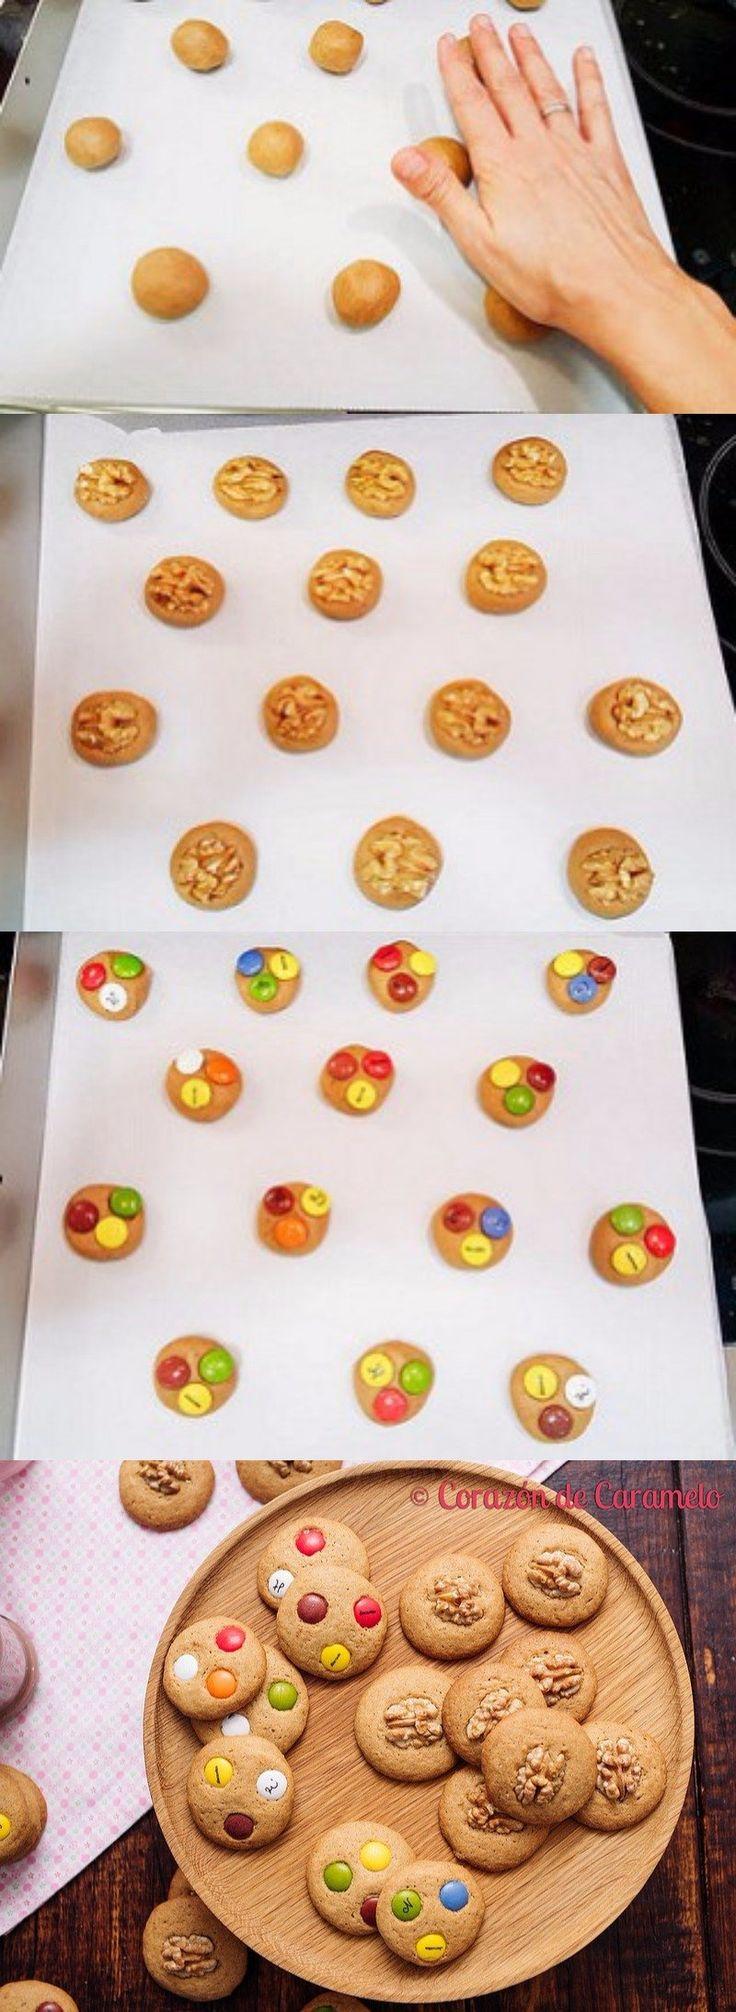 Práctica receta de galletas caseras / https://www.corazondecaramelo.es/